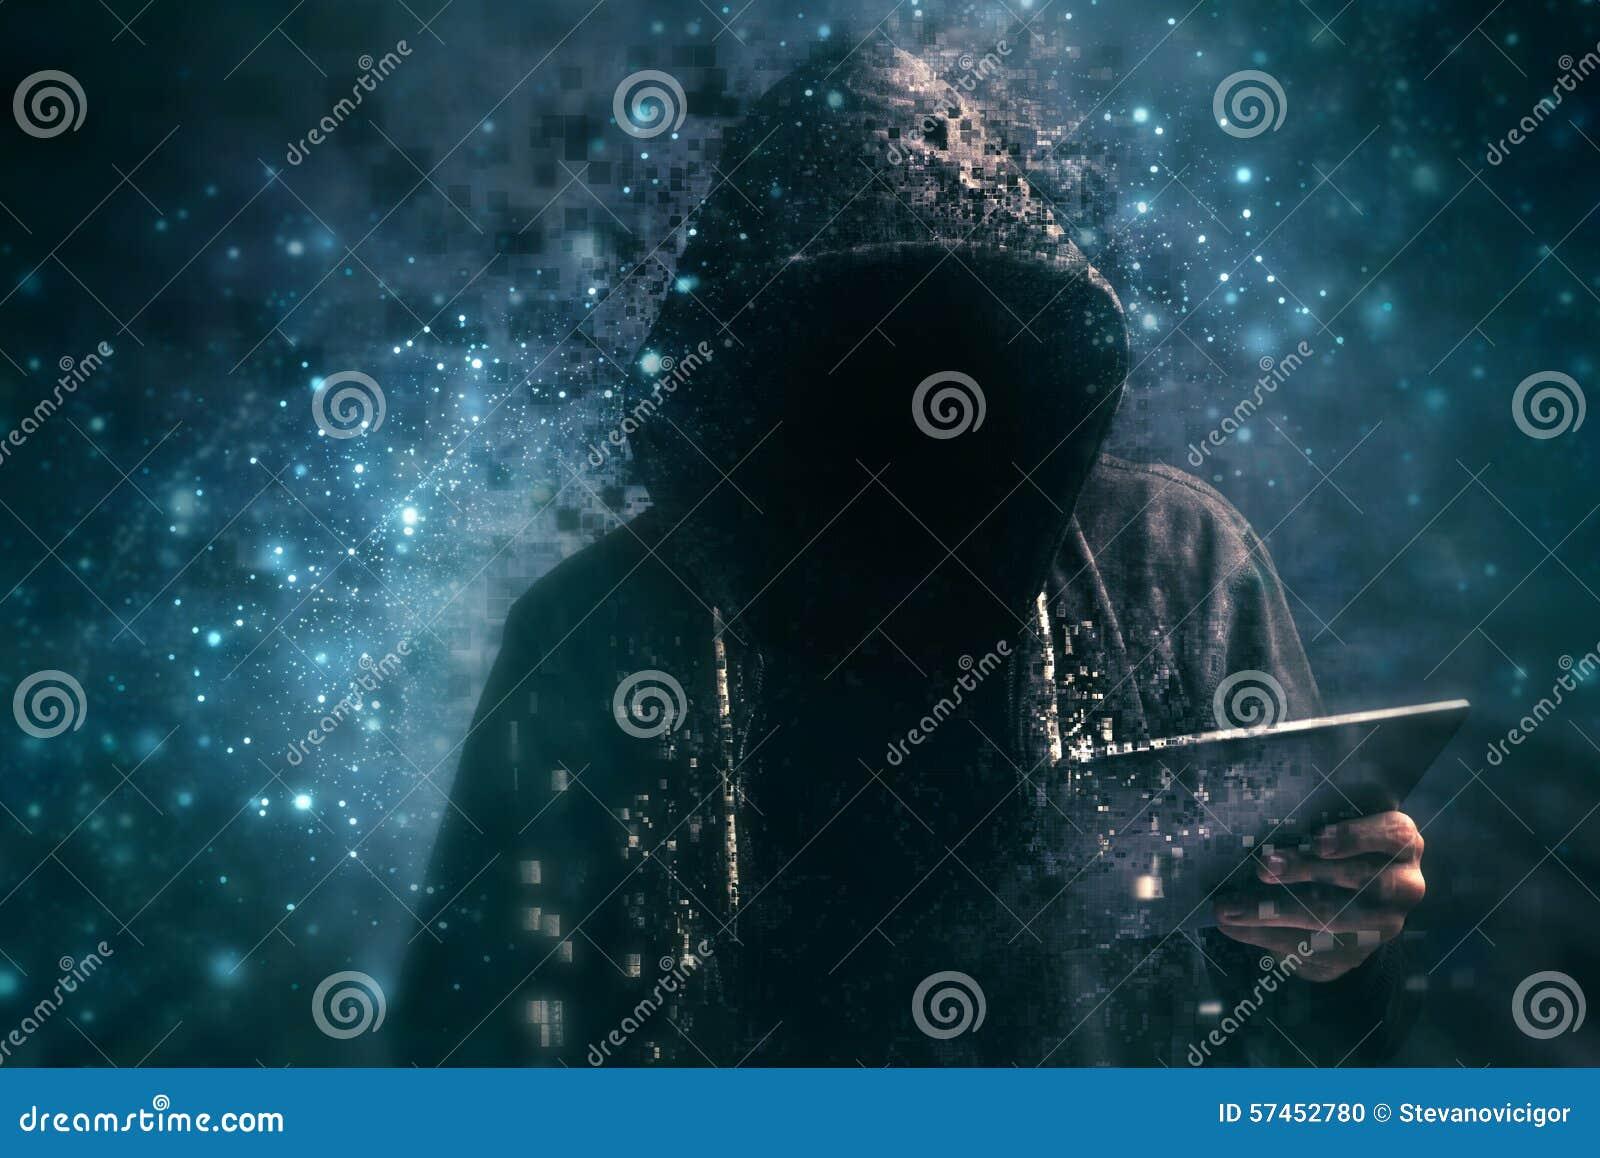 Misdadiger met een kap van Pixelated de onherkenbare cyber